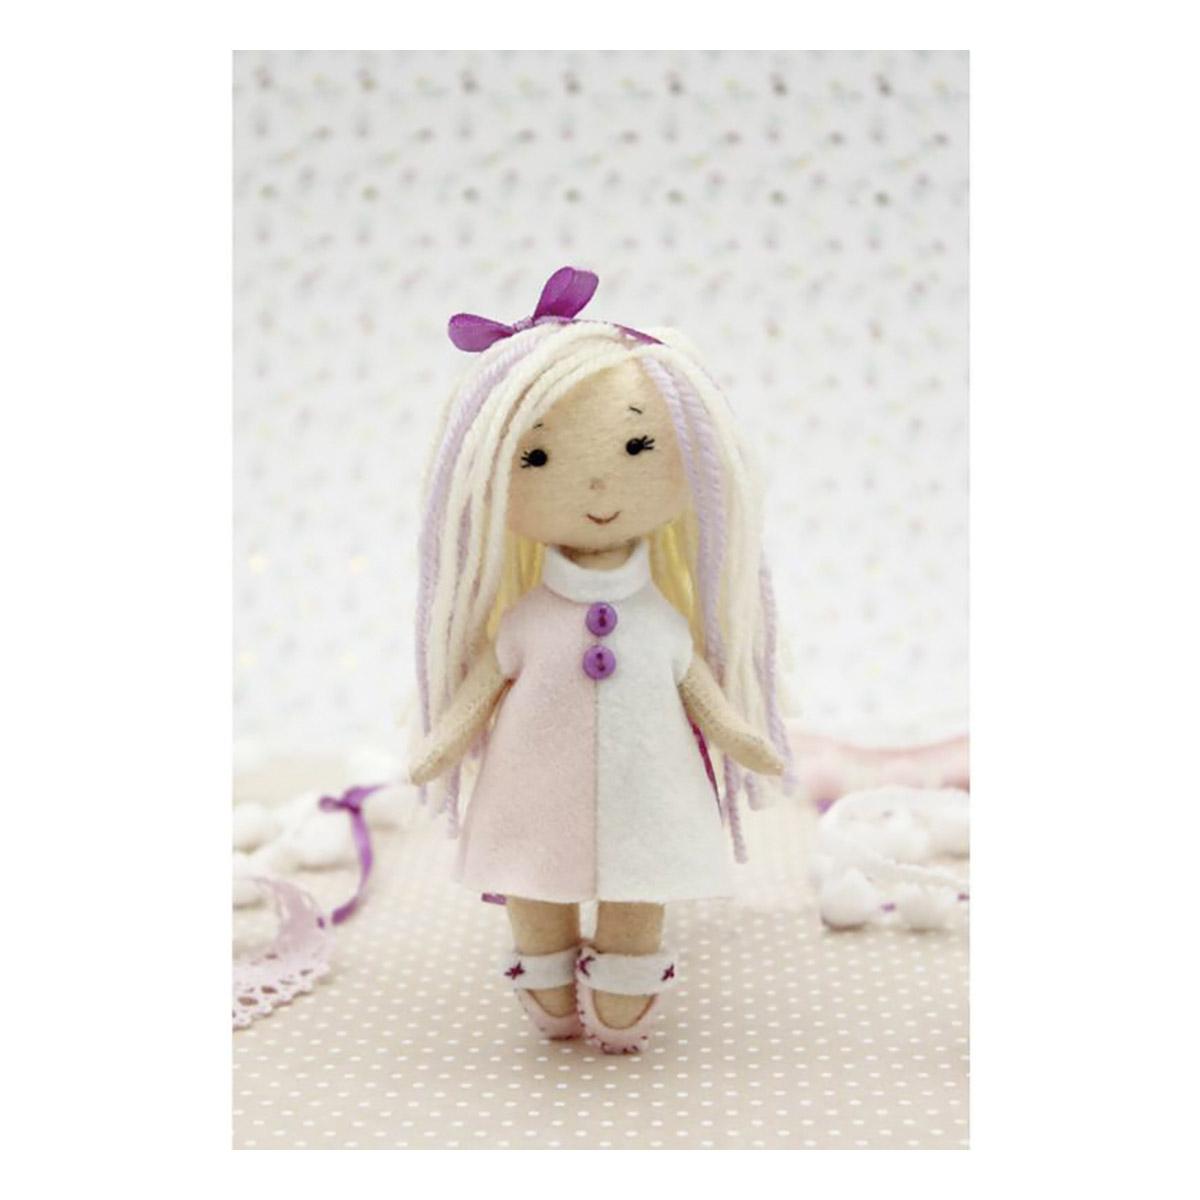 МА-3 Набор для создания куклы из фетра Серия 'Подружки' МАЛЫШКА МИЯ